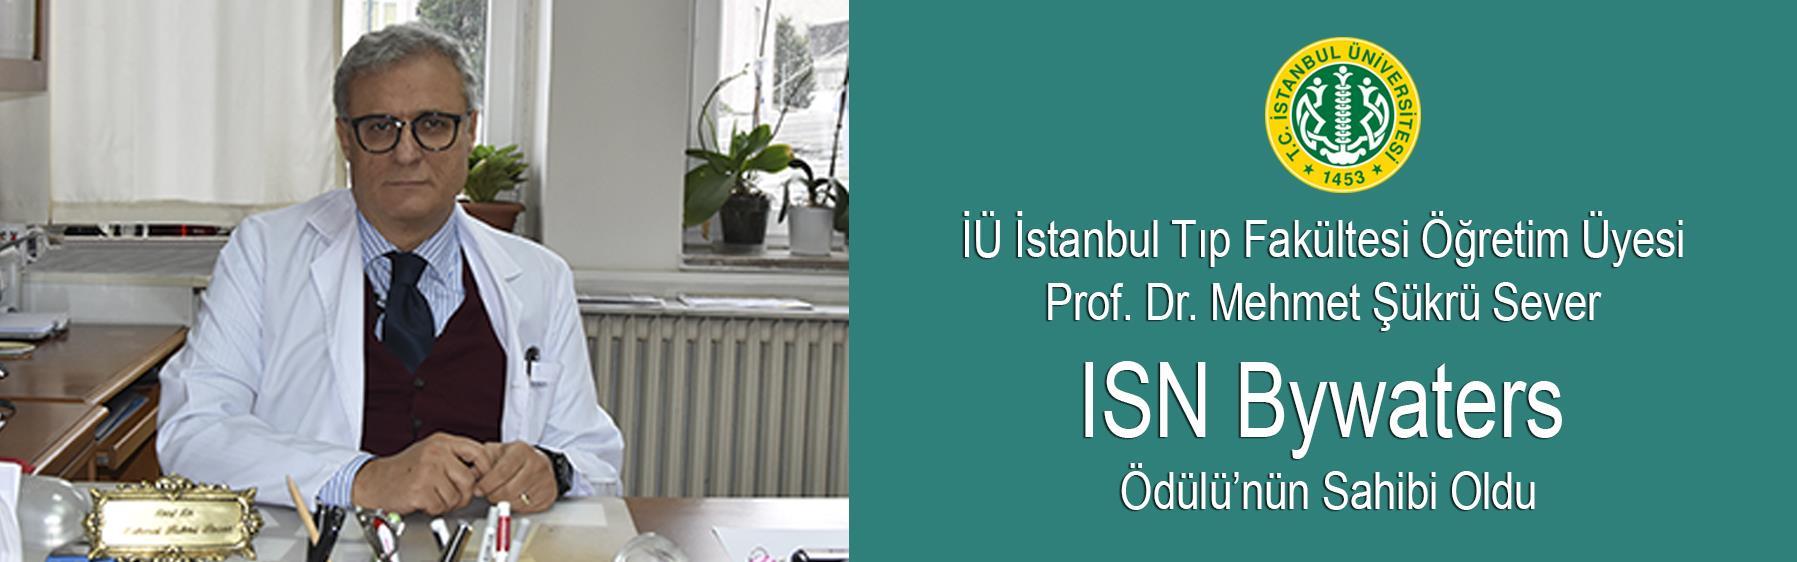 İÜ-İstanbul-Tıp-Fakültesi-Öğretim-Üyesi-Prof.-Dr.-Mehmet-Şükrü-Sever-ISN-Bywaters-Ödülü'nün-Sahibi-Oldu